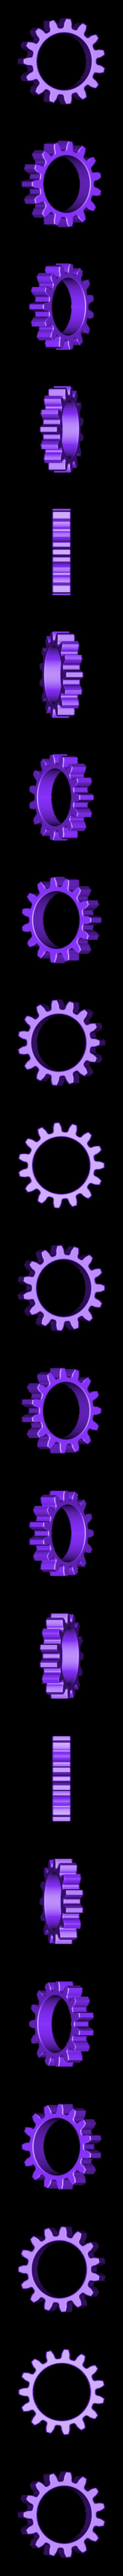 Gear x5.STL Télécharger fichier STL gratuit New Hand spinner five gears • Modèle pour impression 3D, Vladimir310873